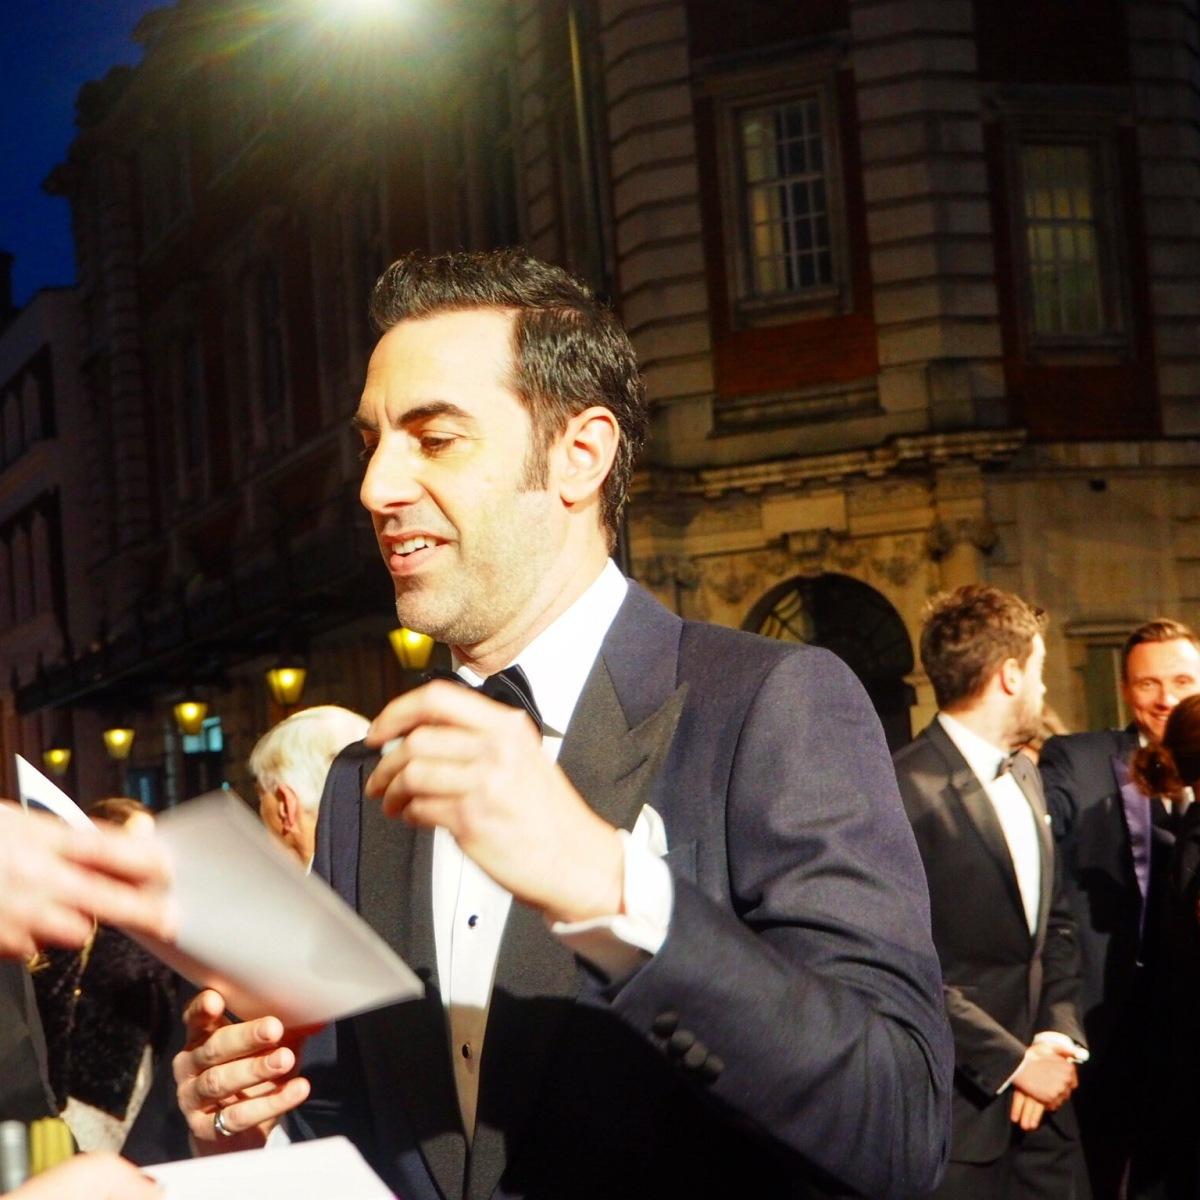 Sacha Baron Cohen signing on the #EEBAFTAs Red Carpet 2016 taken on an Olympus OMD EM10